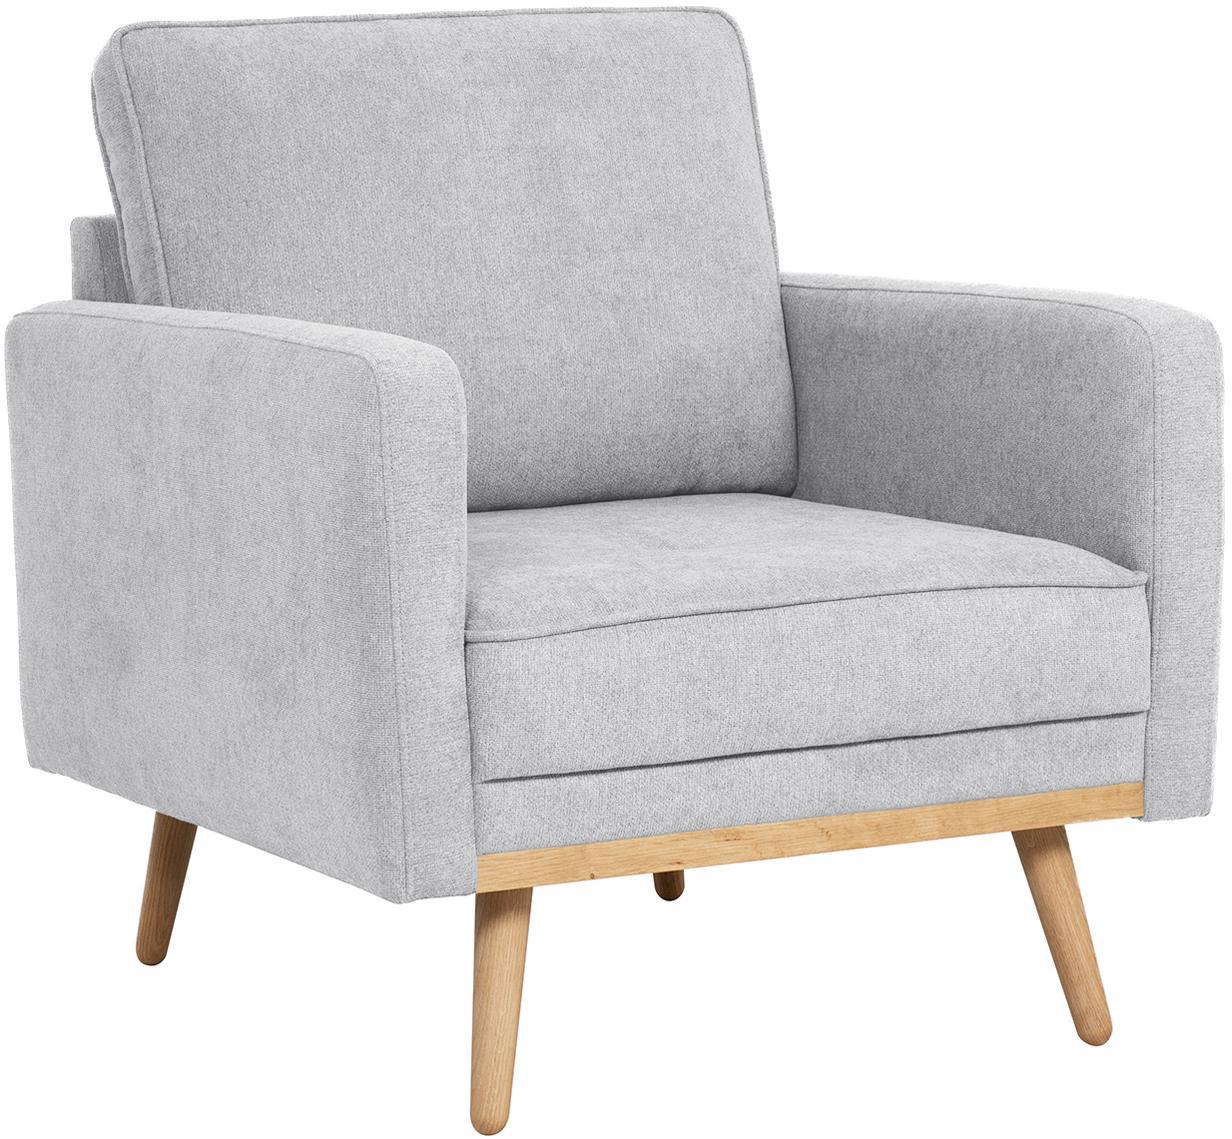 Fauteuil Saint, Bekleding: polyester, Frame: massief grenenhout, spaan, Geweven stof lichtgrijs, B 85 x D 76 cm